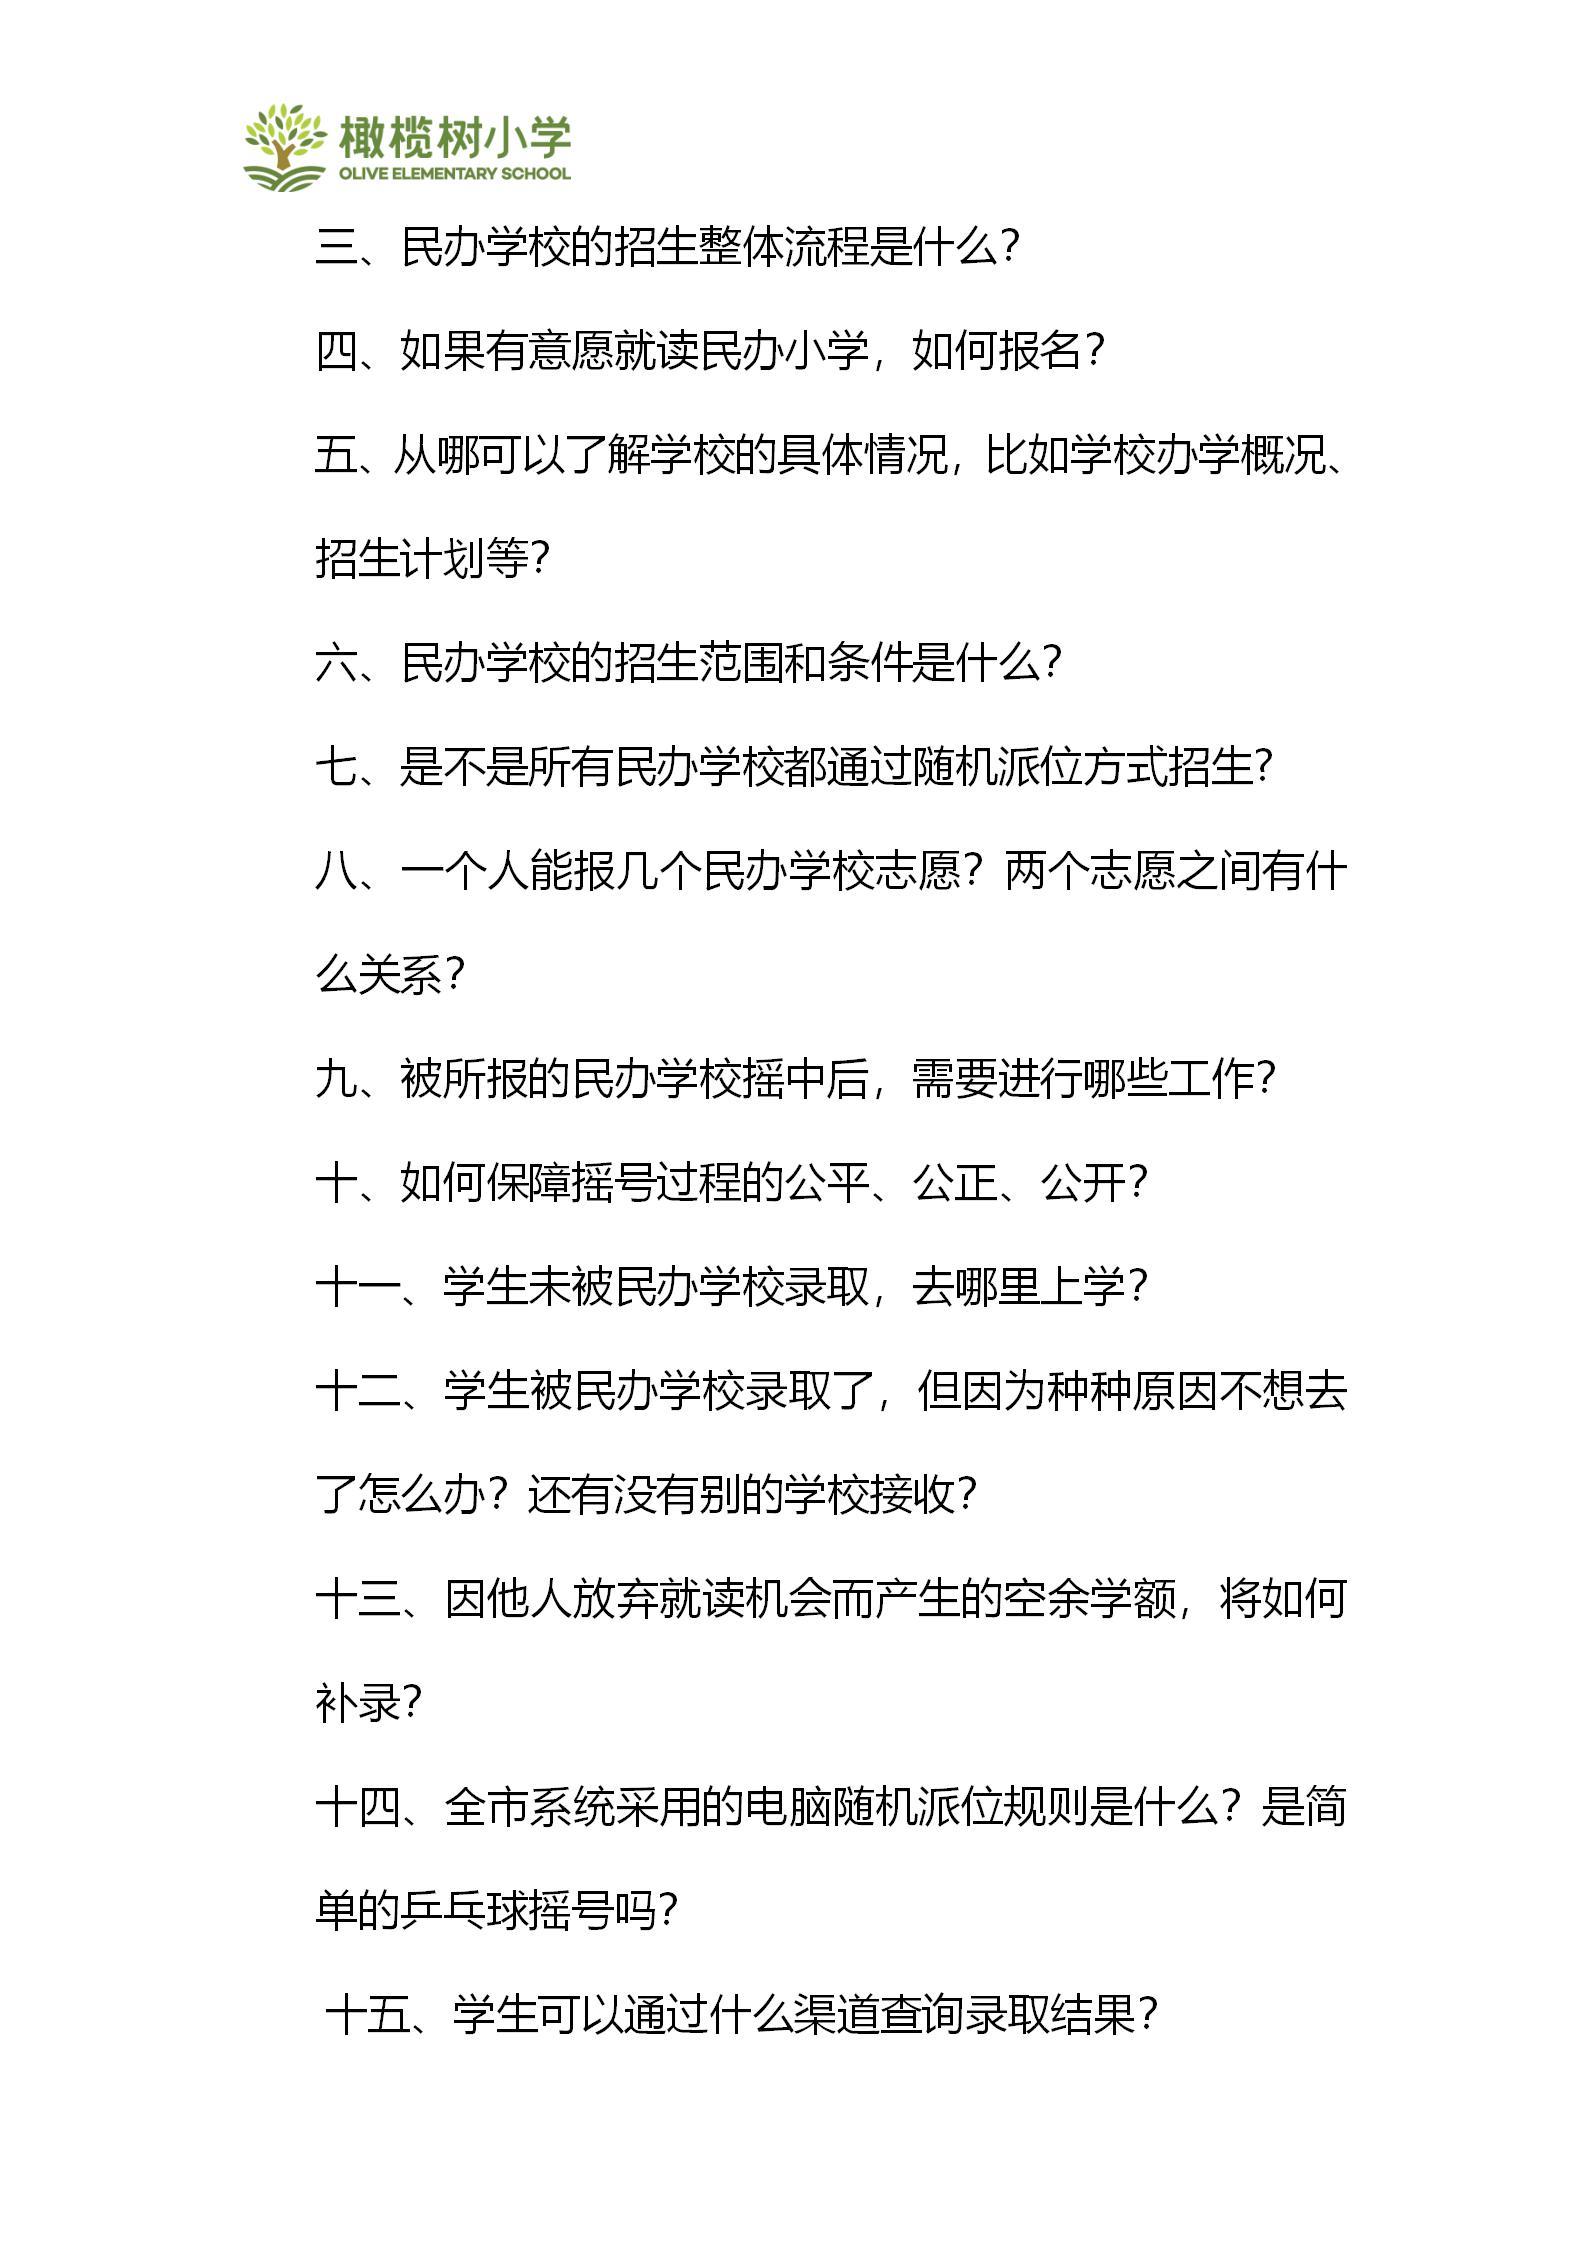 2021年石家庄幼升小入学白皮书_02.jpg